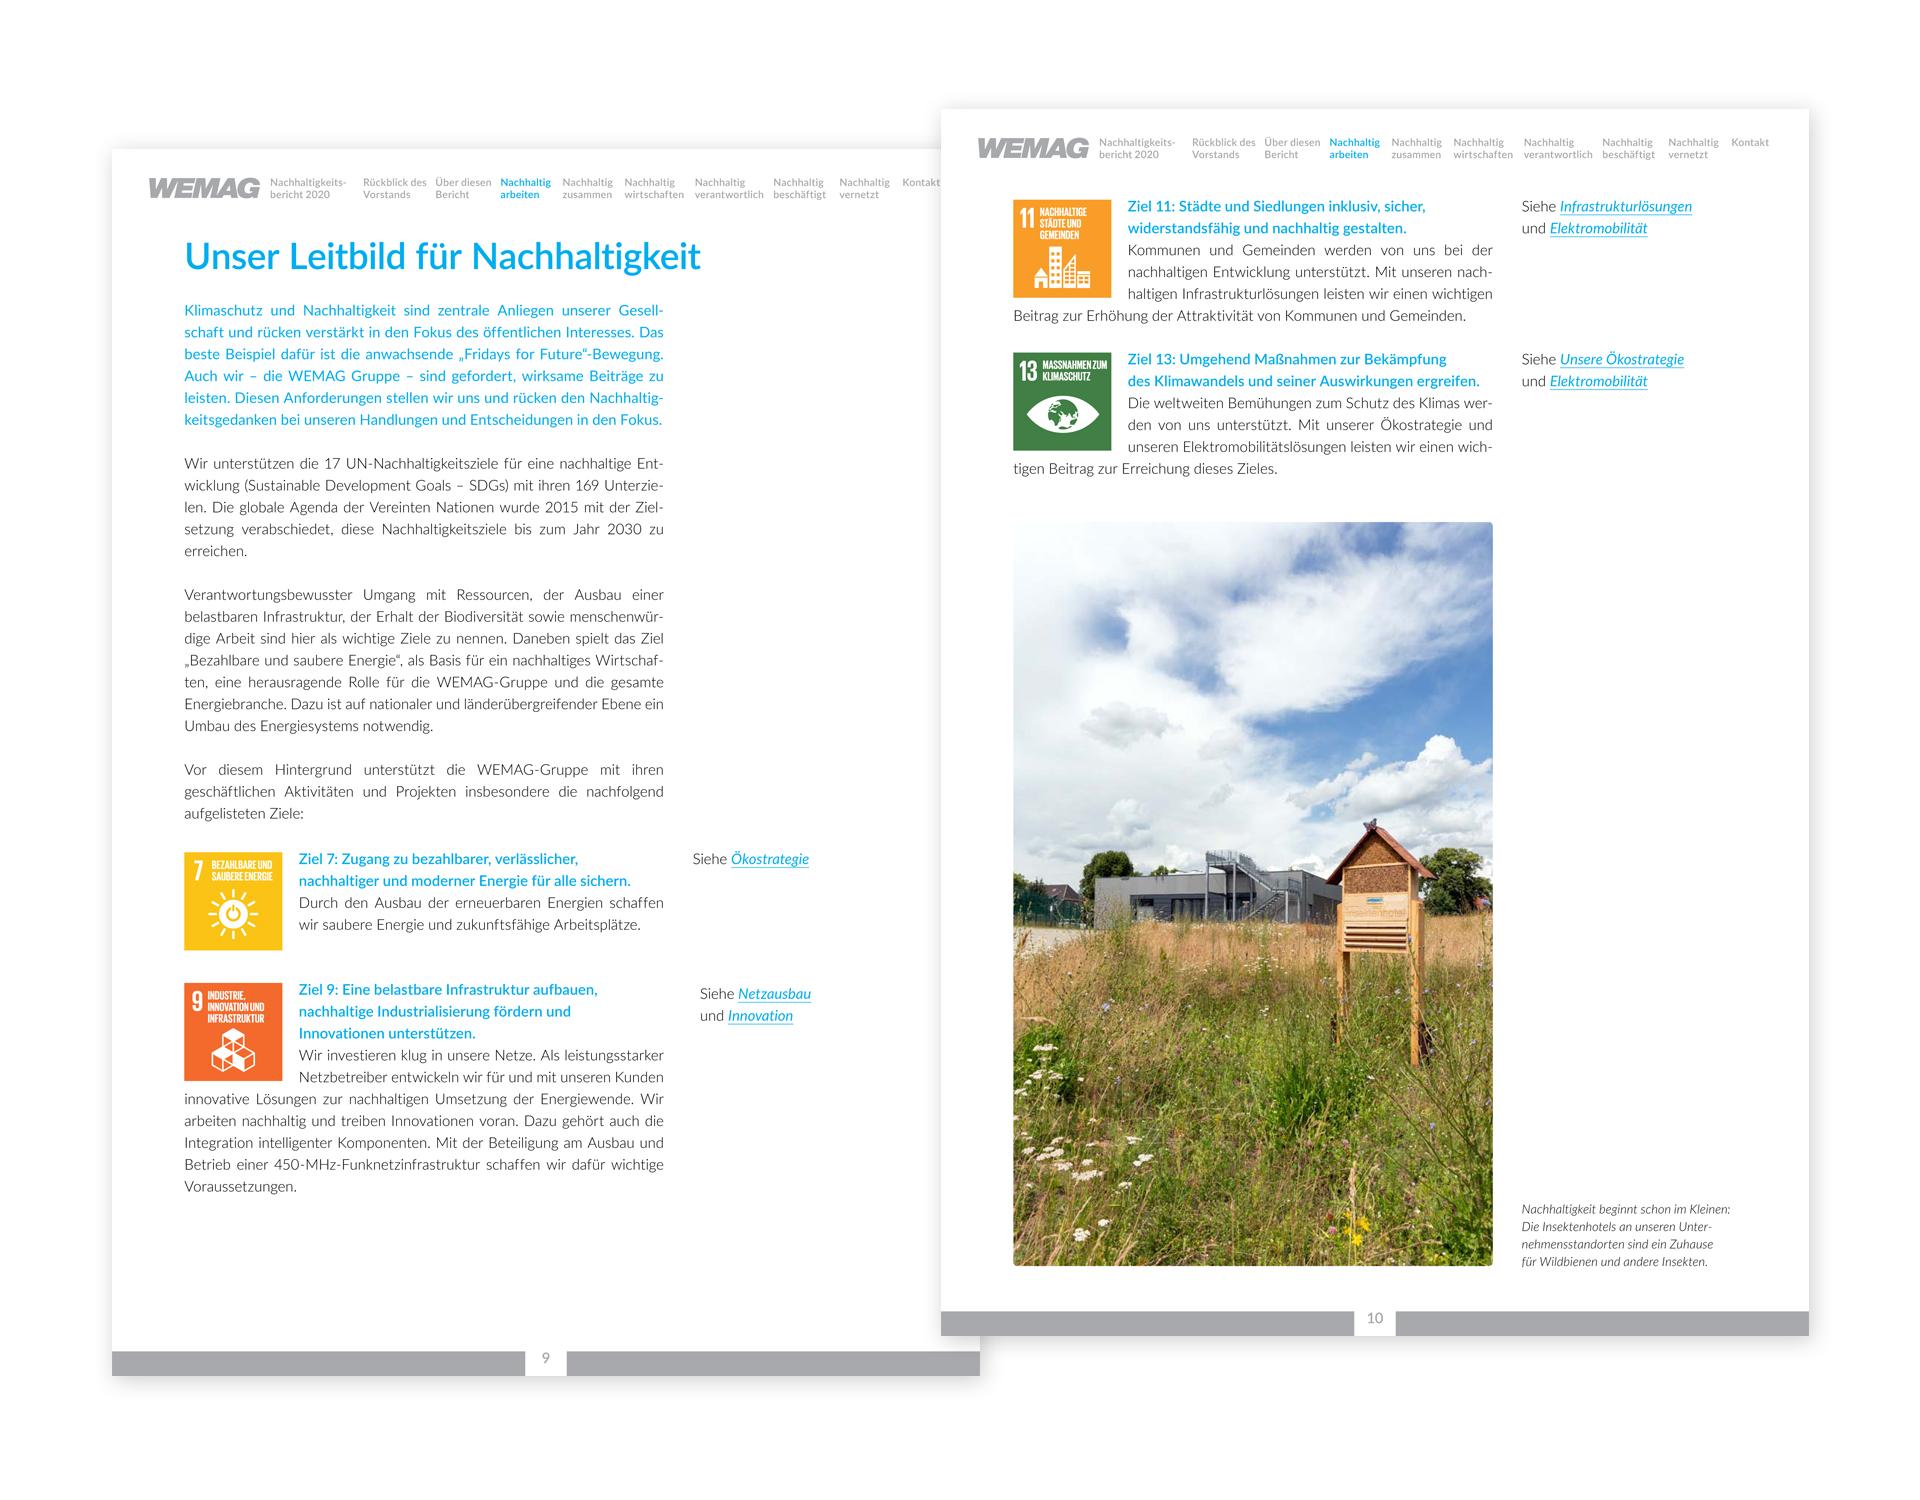 wemag_nb-2020_0910_nachhaltigkeit